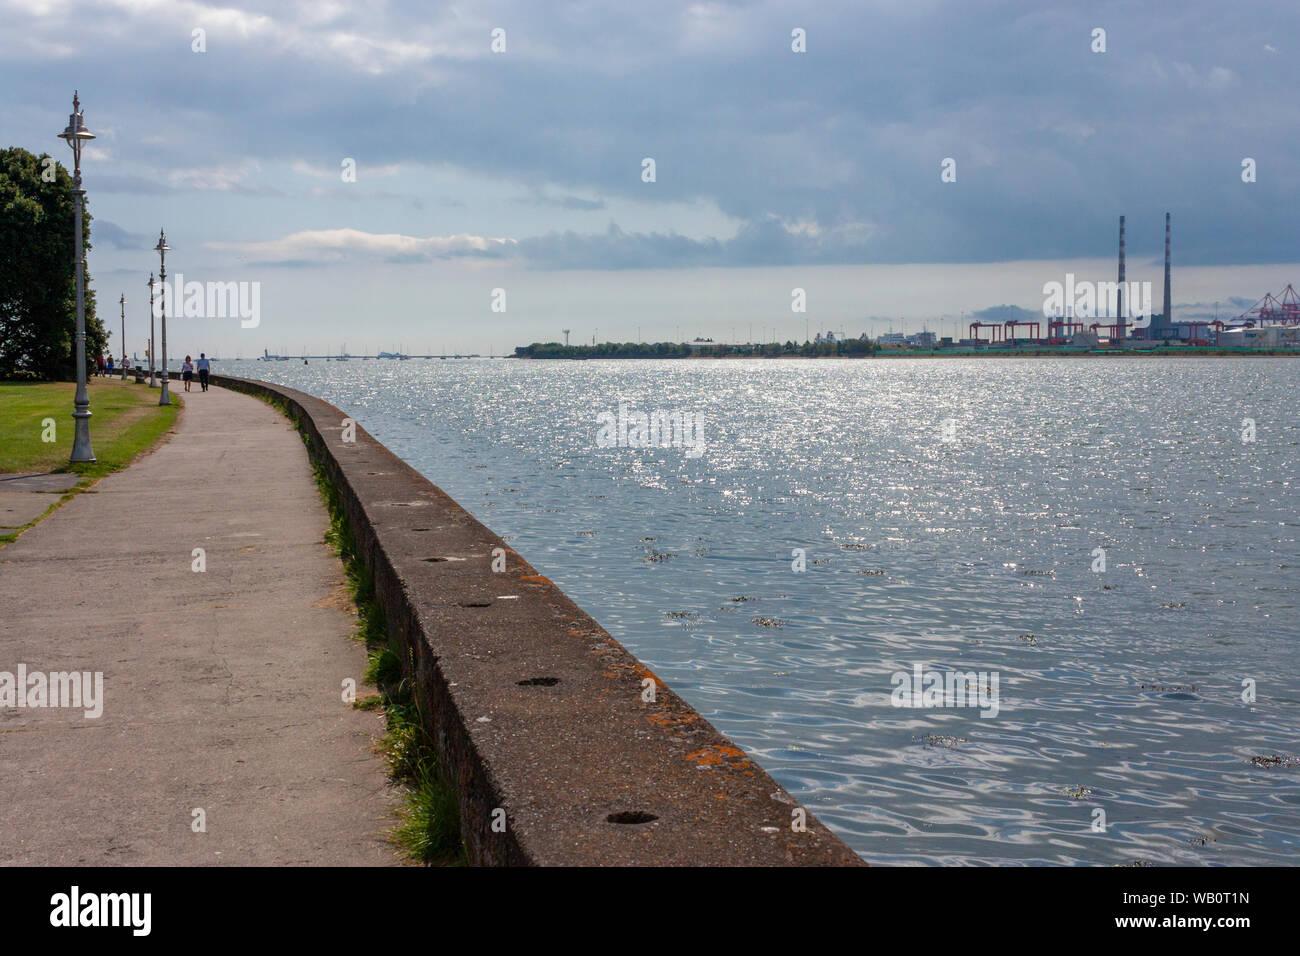 Dublin Port seen across Dublin Bay from Clontarf, Co. Dublin, Ireland Stock Photo